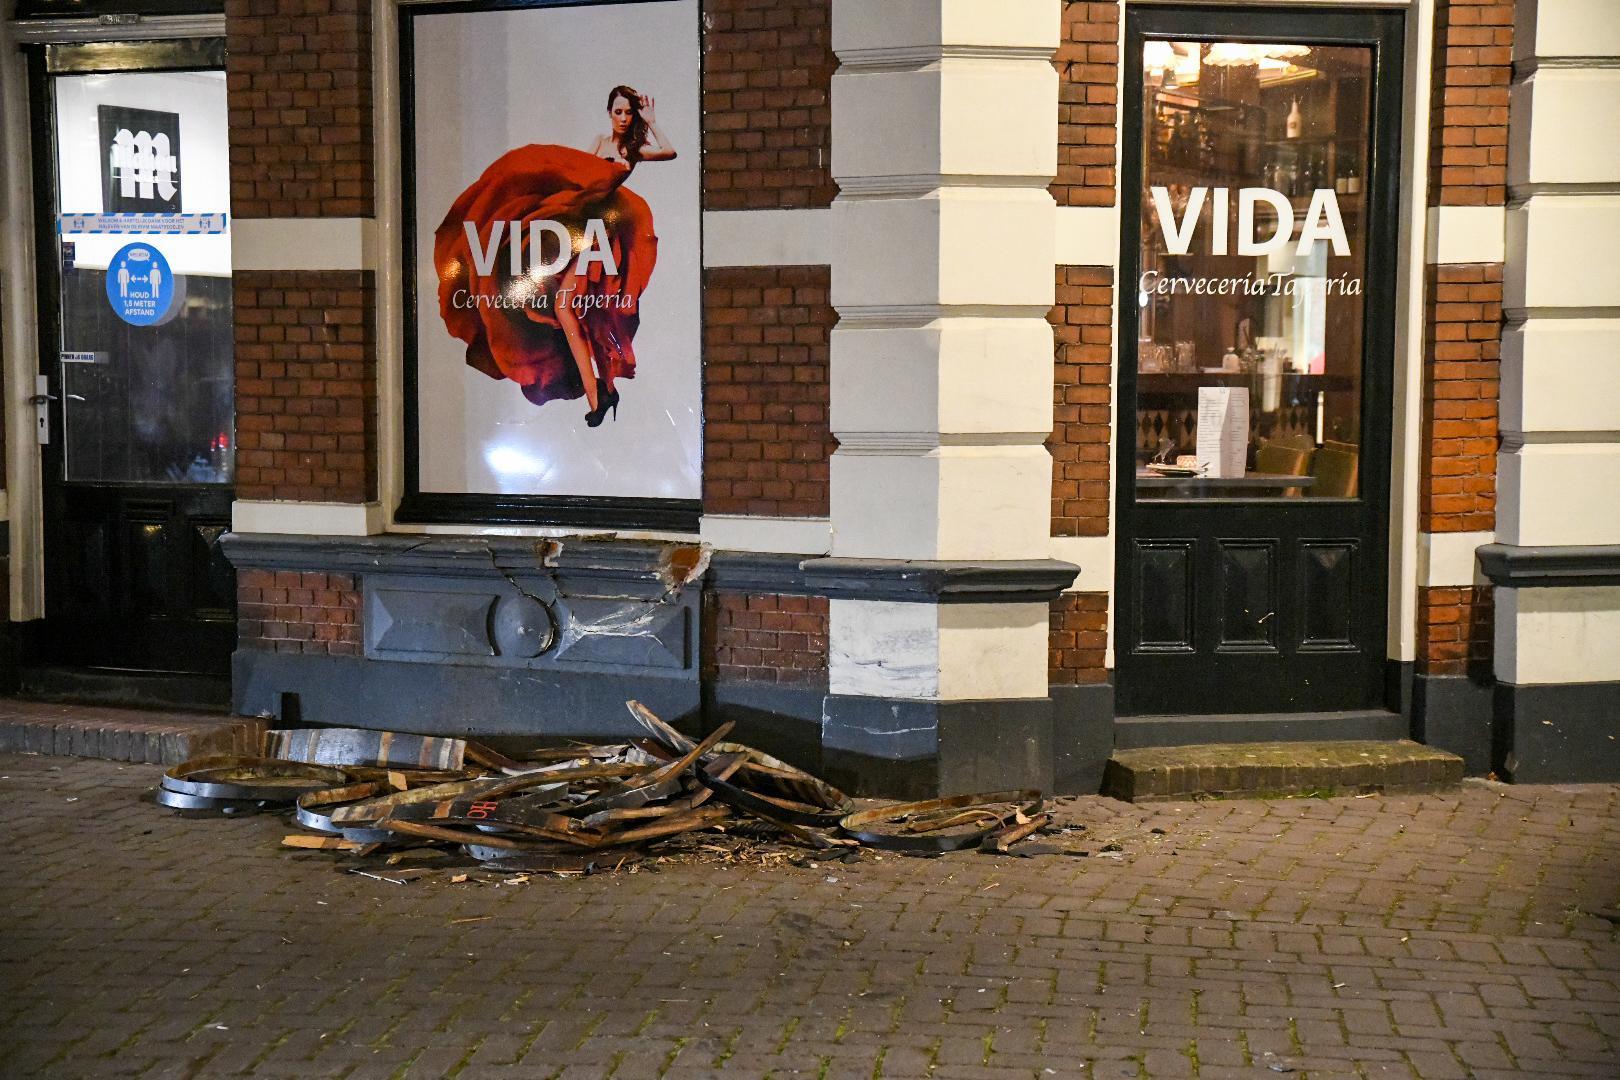 Veel schade bij Vida, gevel van Hilversums restaurant is ontzet. 'Maar het had nog veel erger kunnen aflopen'